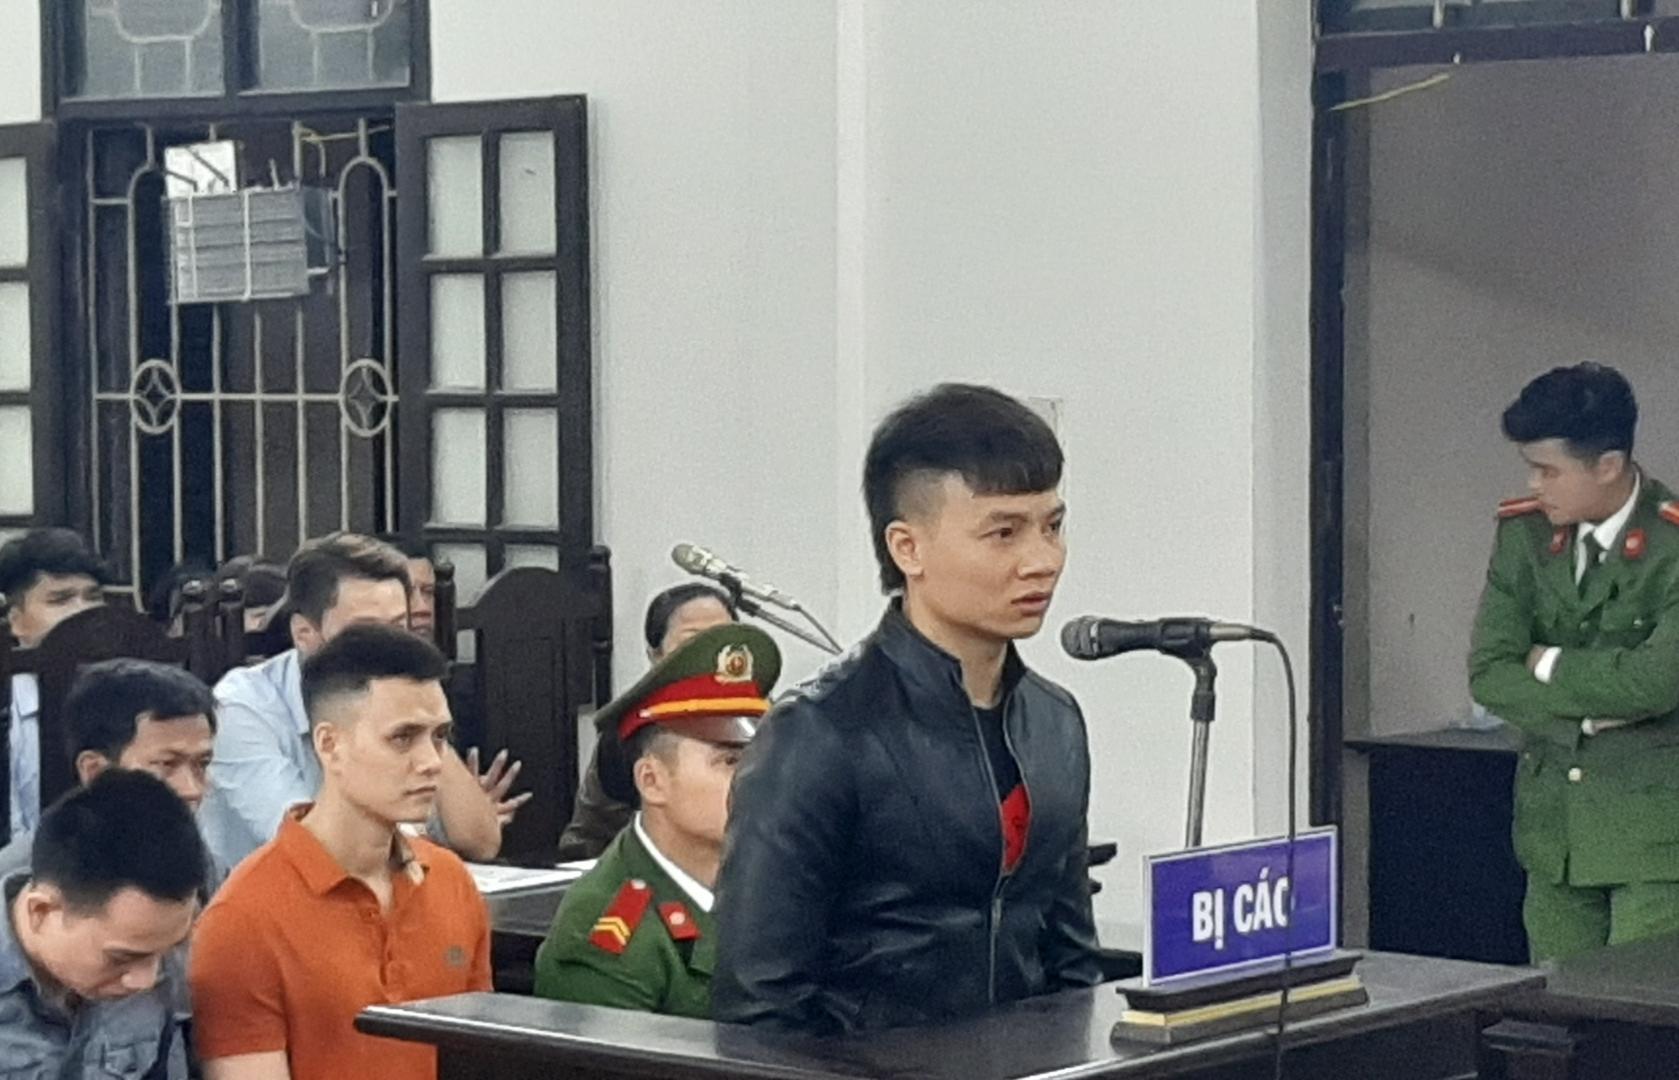 kha banh cung dong bon gui don xin giam an tu